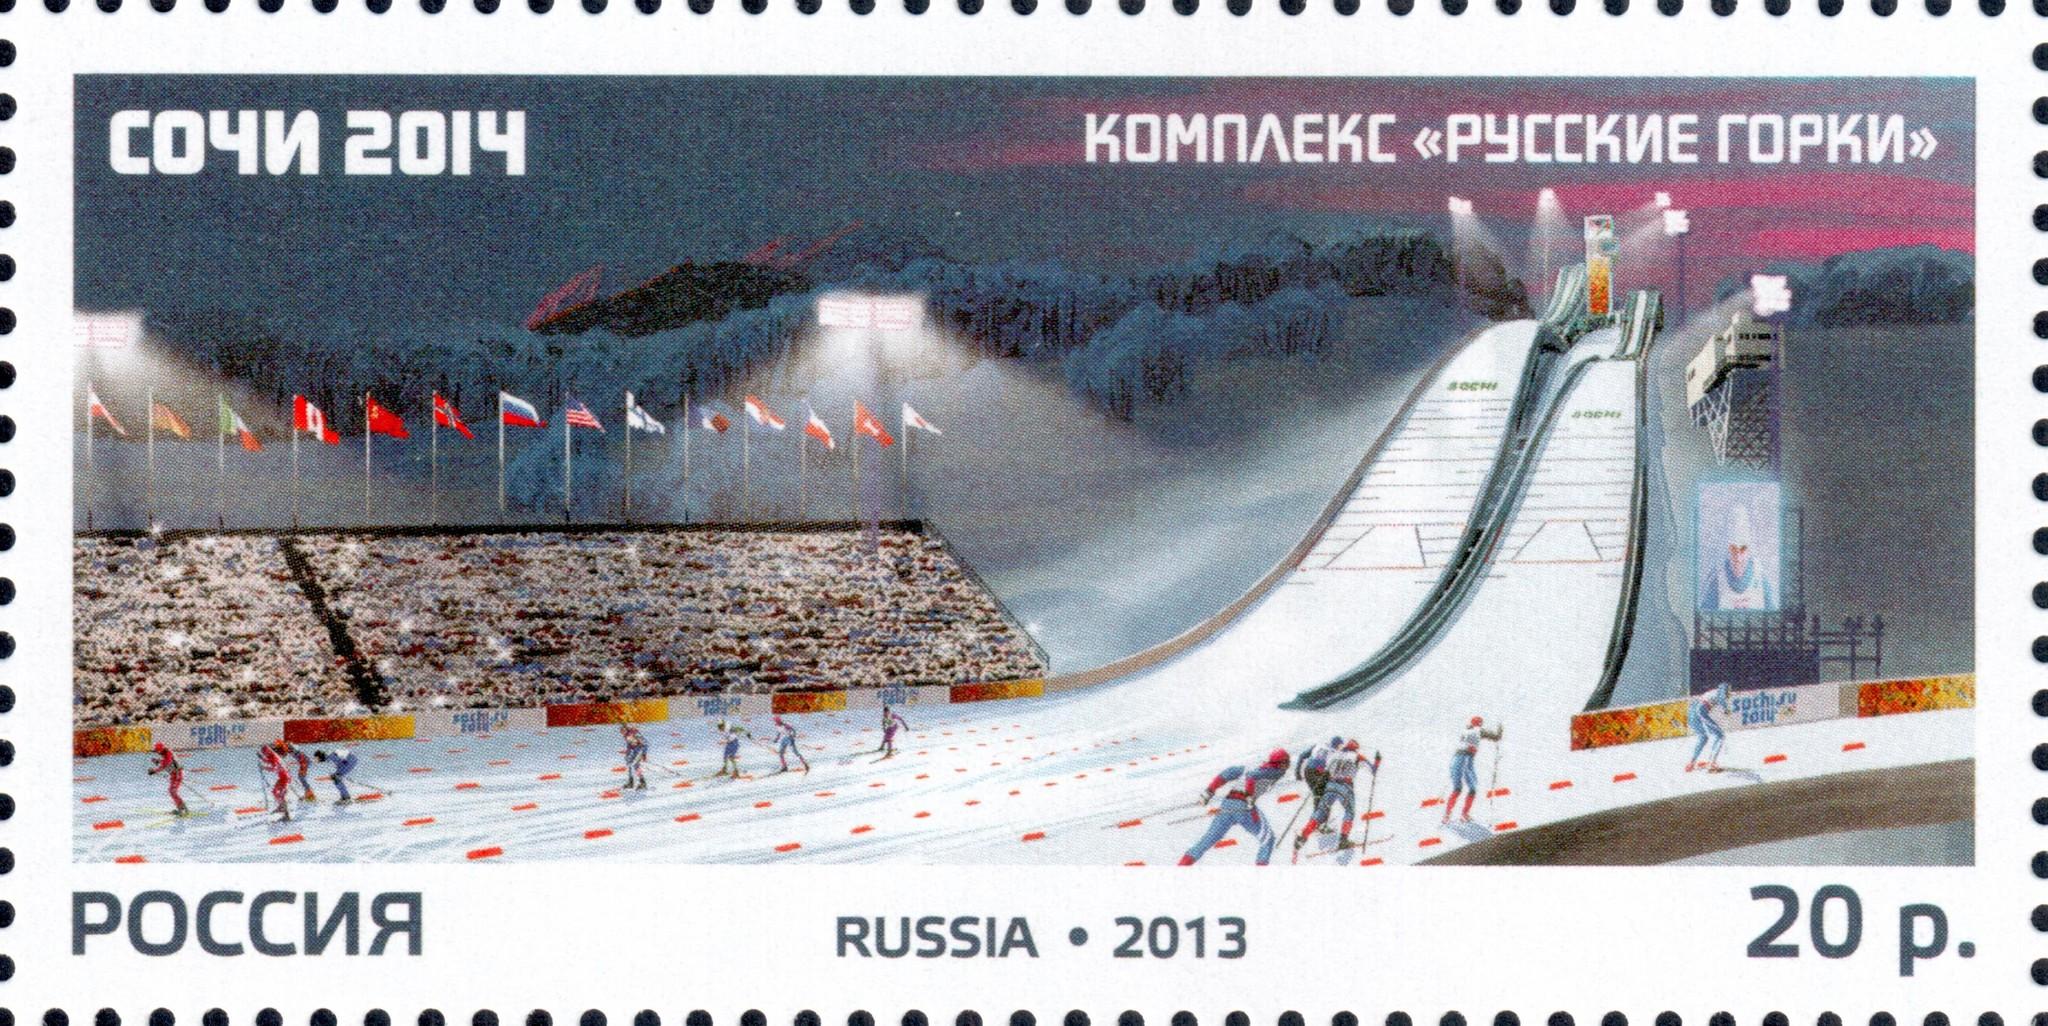 Комплекс для прыжков на лыжах с трамплина «Русские горки»